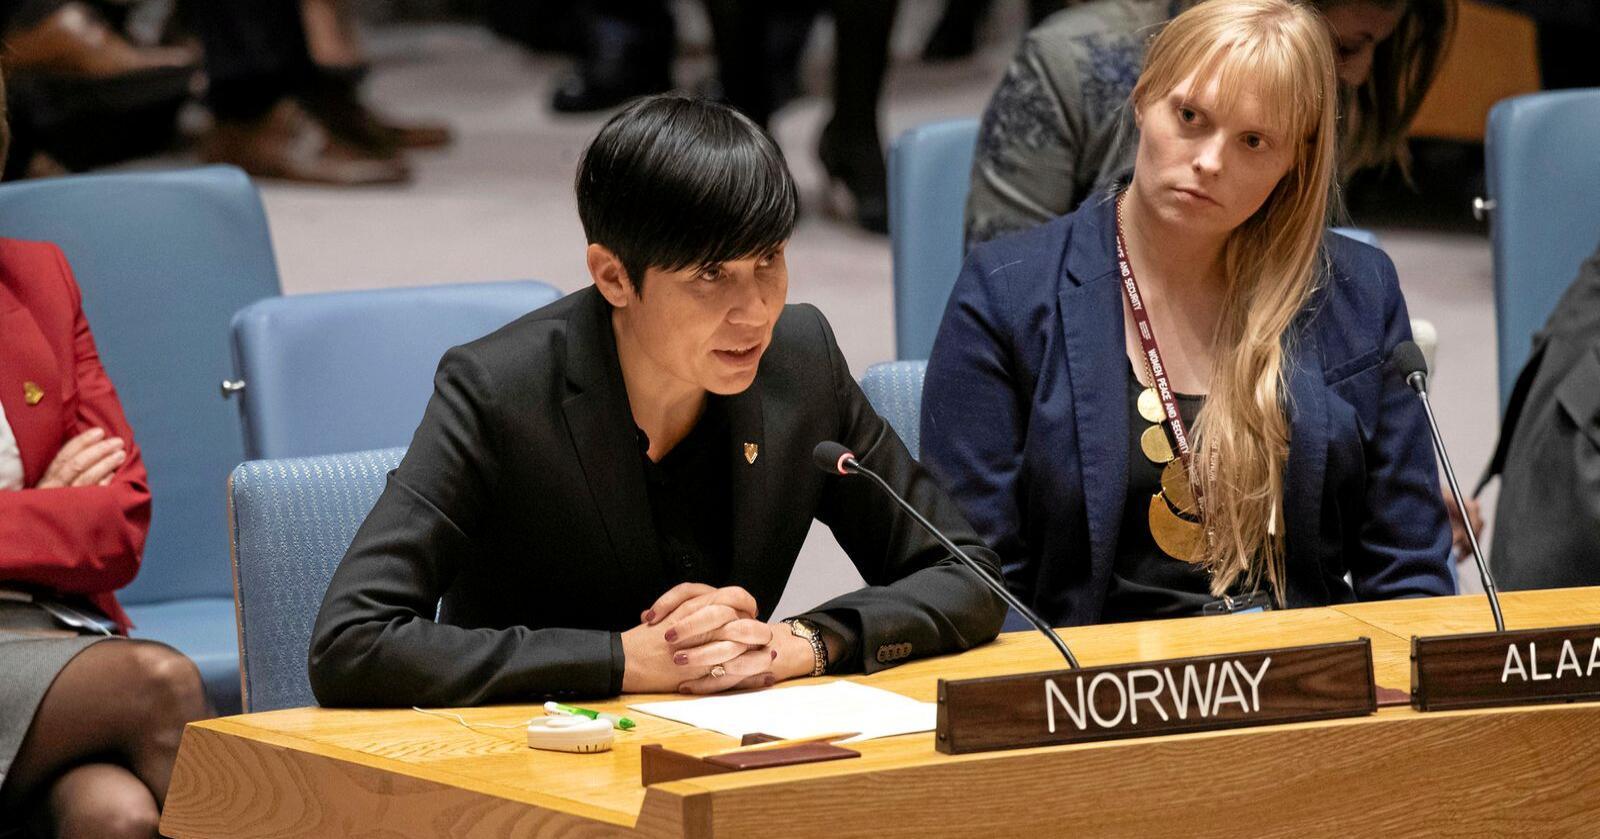 I Sikkerhetsrådet: Norge har fått plass i FNs ikkerhetsråd fra 2021. Da må vi bruke plassen med kløkt. Her snakker utenriksminister Ine Eriksen Søreide til FNs sikkerhetsråd sitt møte i 2019 om kvinner, fred og sikkerhet. Foto: Evan Schneider / UN Photo